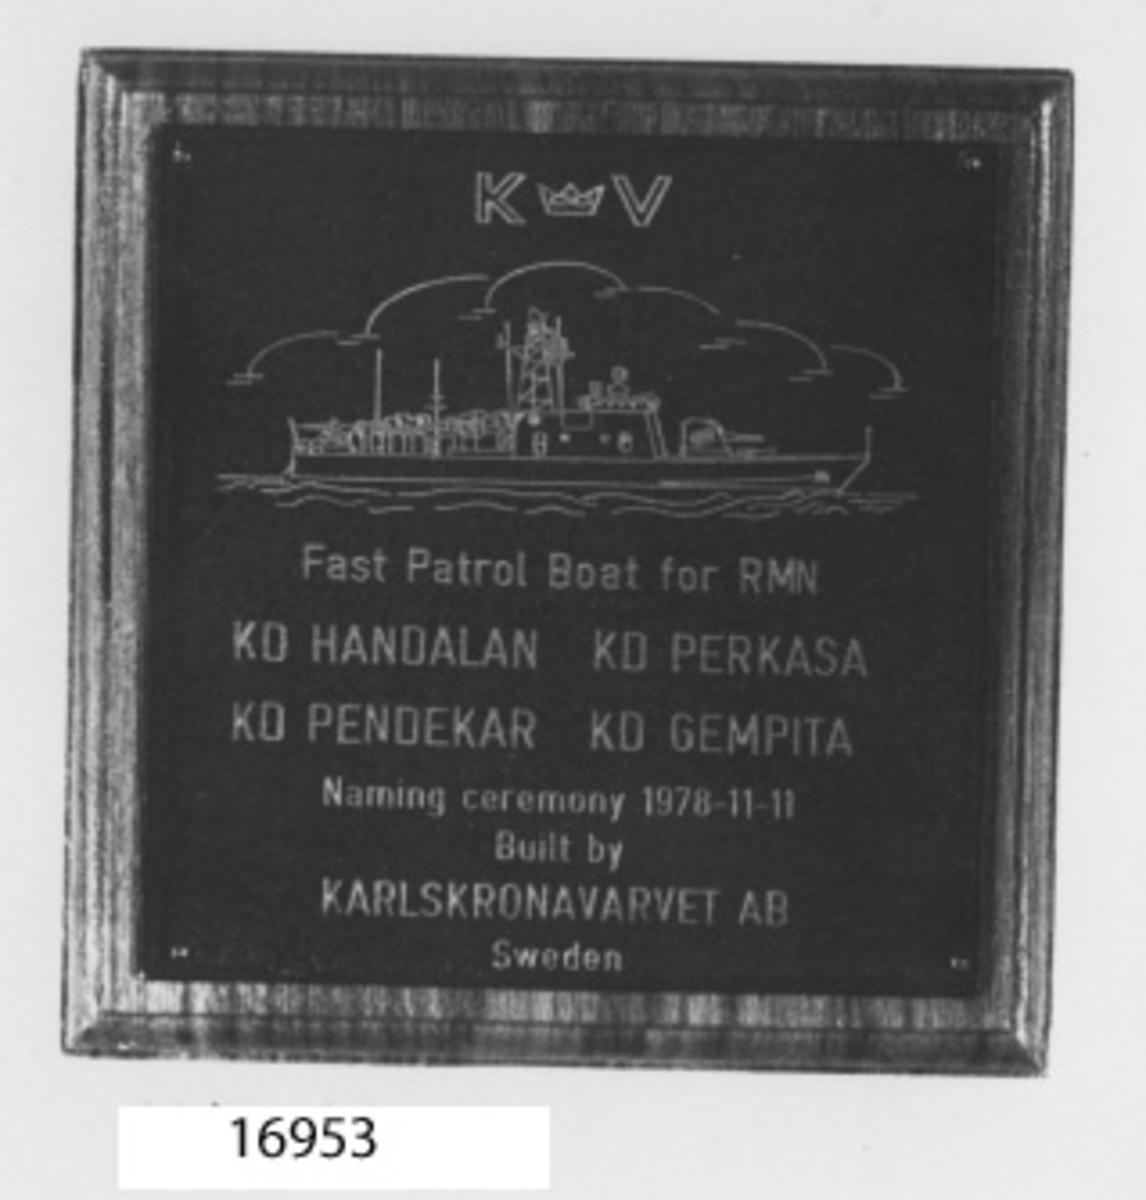 """Svartmålad metallplatta (mässing?) spikad på profilerad träplatta (teak). Graverad bild samt text i mässing= Överst K krona V, linjegravyr av patrullbåt, nedanför text """"Fast Patrol Boat for RMN, K D Handalan, K D Perkasa, K D Gempita, Naming ceremony 1978-11-11. Built by Karlskronavarvet AB Sweden."""